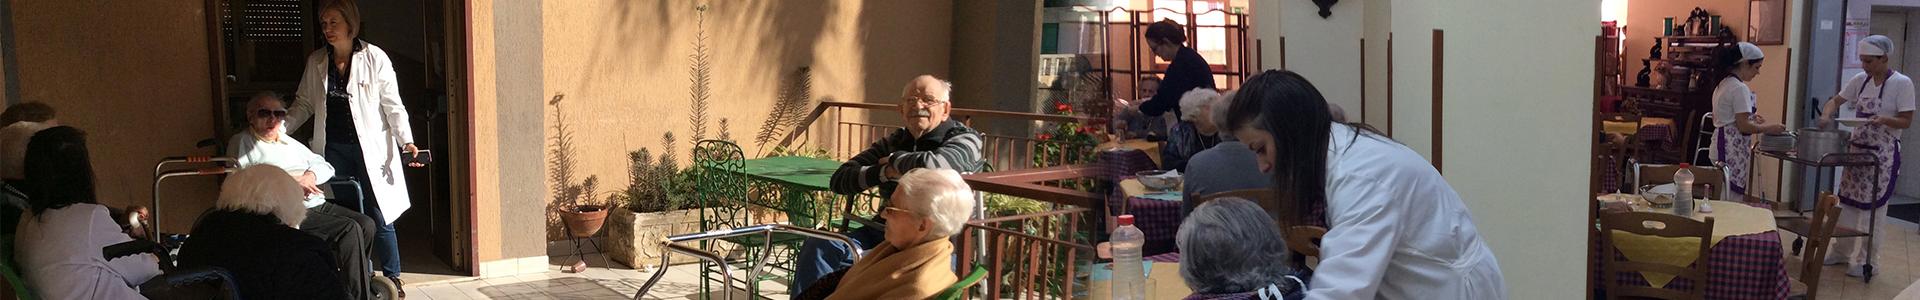 Residence per Anziani Messina